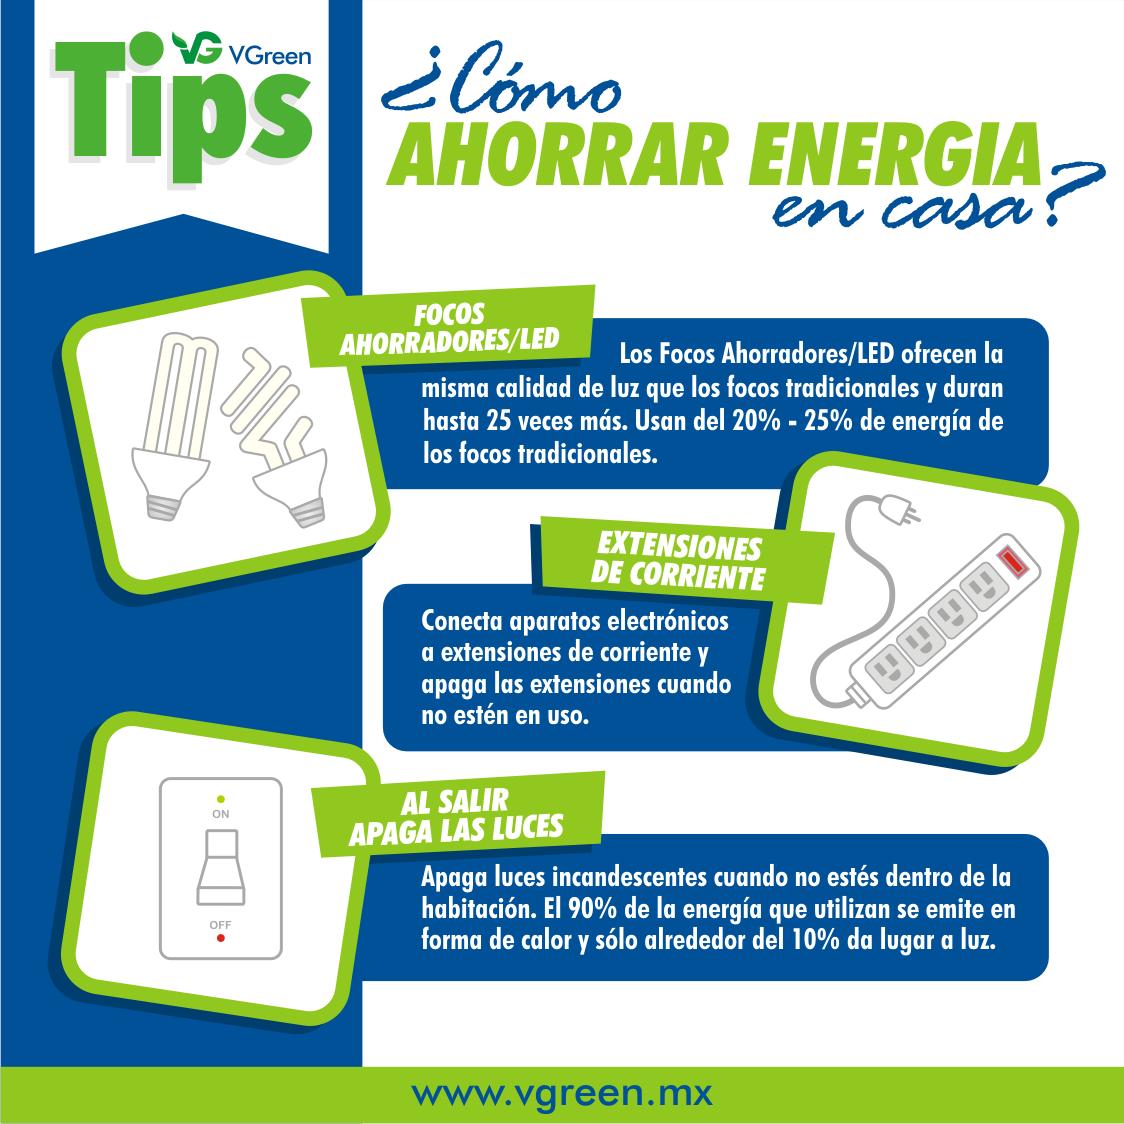 C Mo Puedo Ahorrar Energ A En Casa Comparte Esta Informaci N Y  ~ Medidas Para Ahorrar Energia En Casa